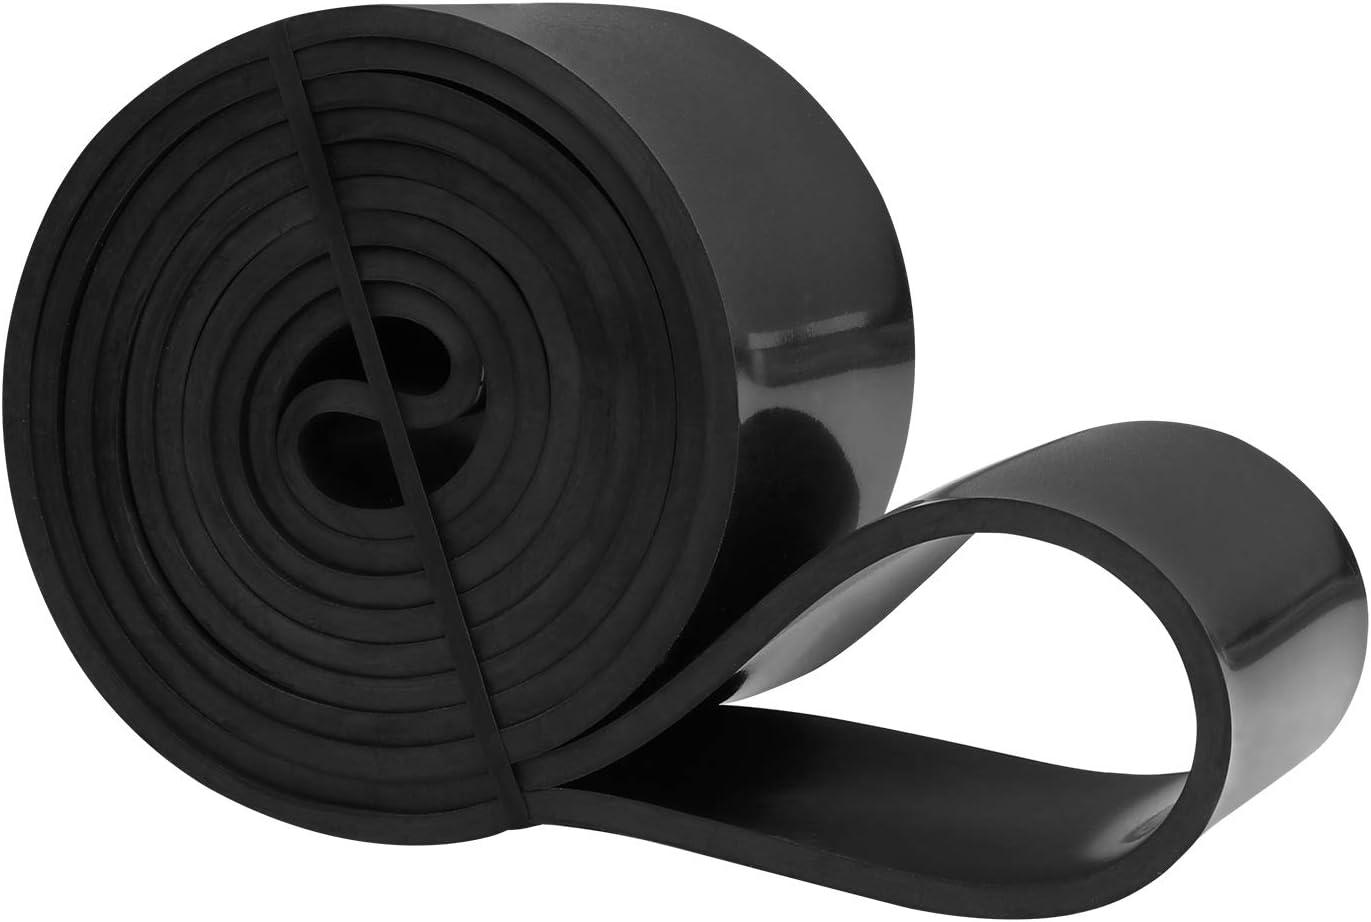 UMI Amazon Brand Banda Elástica de Resistencia Cuerda de Fuerza para Fitness, Crossfit, Pilates, Estiramientos,Dominadas - Banda Individual incluida